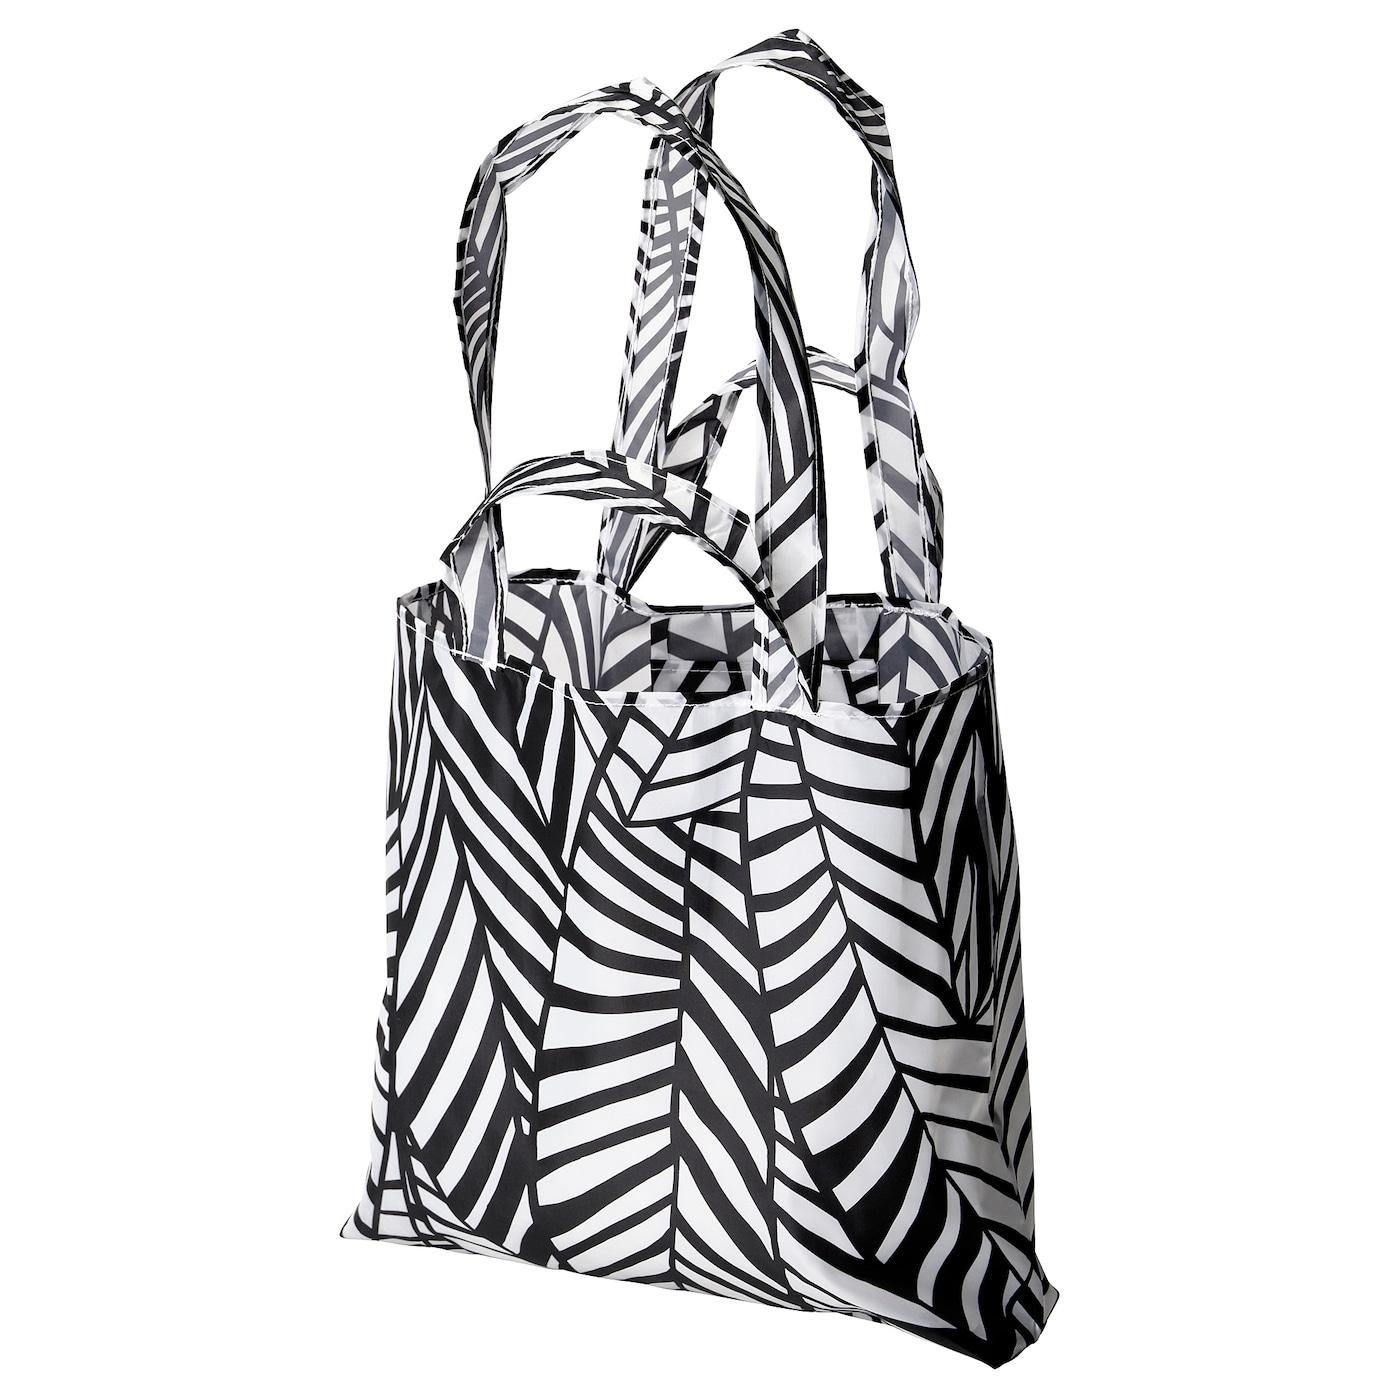 SKYNKE Carrier bag - white/black